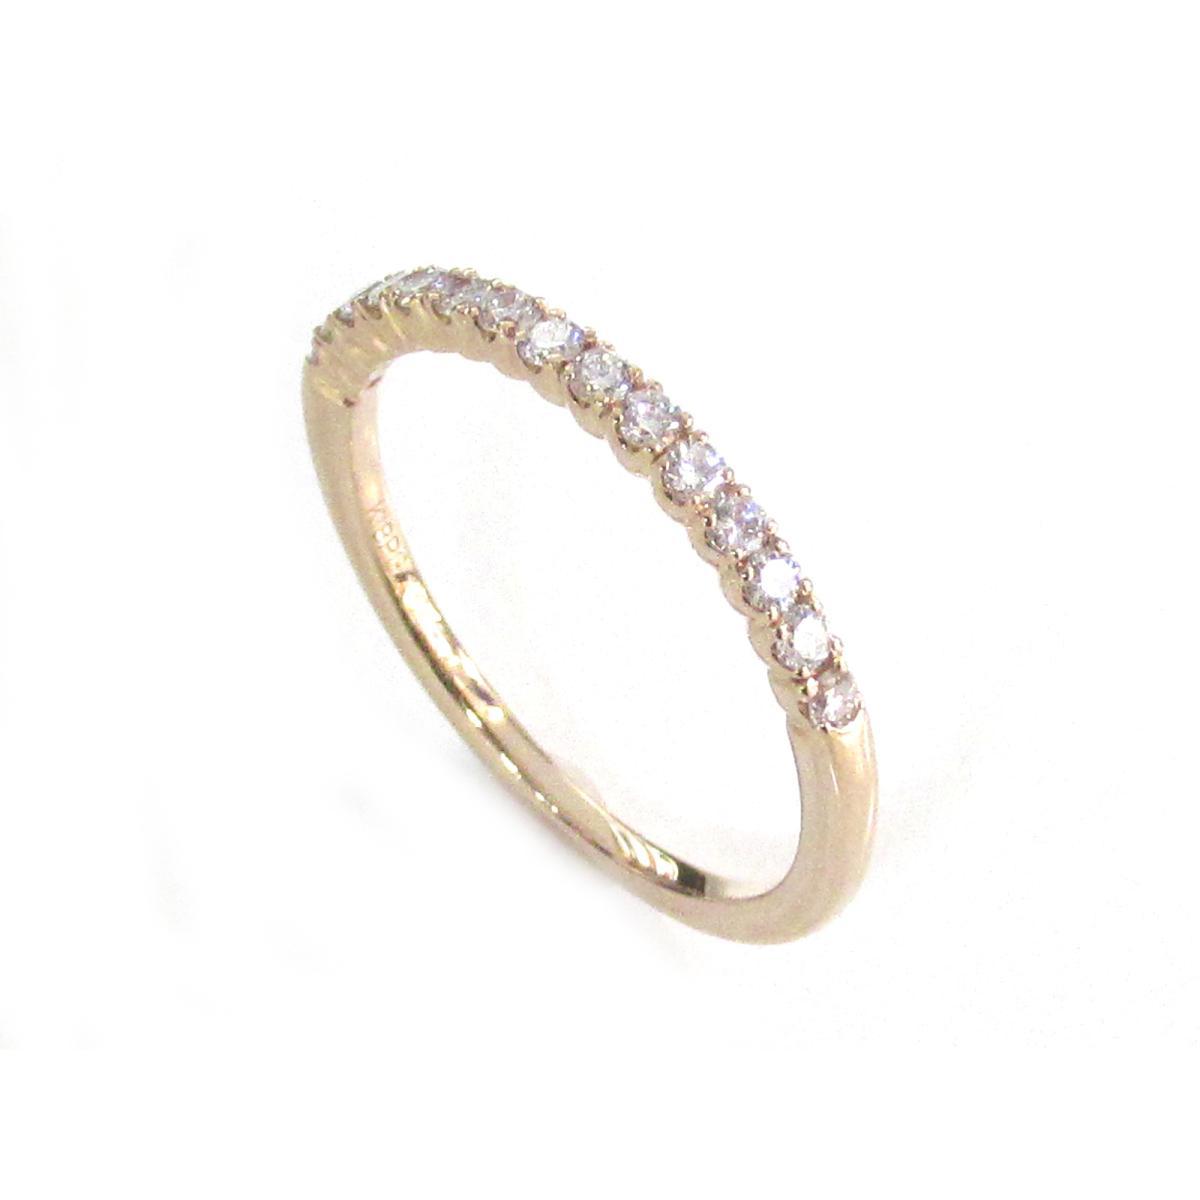 【最大24回無金利】 ジュエリー ダイヤモンドリング ノーブランドジュエリー レディース K18PG (750) ピンクゴールドxダイヤモンド (0.23ct) 【中古】   JEWELRY BRANDOFF ブランドオフ アクセサリー 指輪 リング